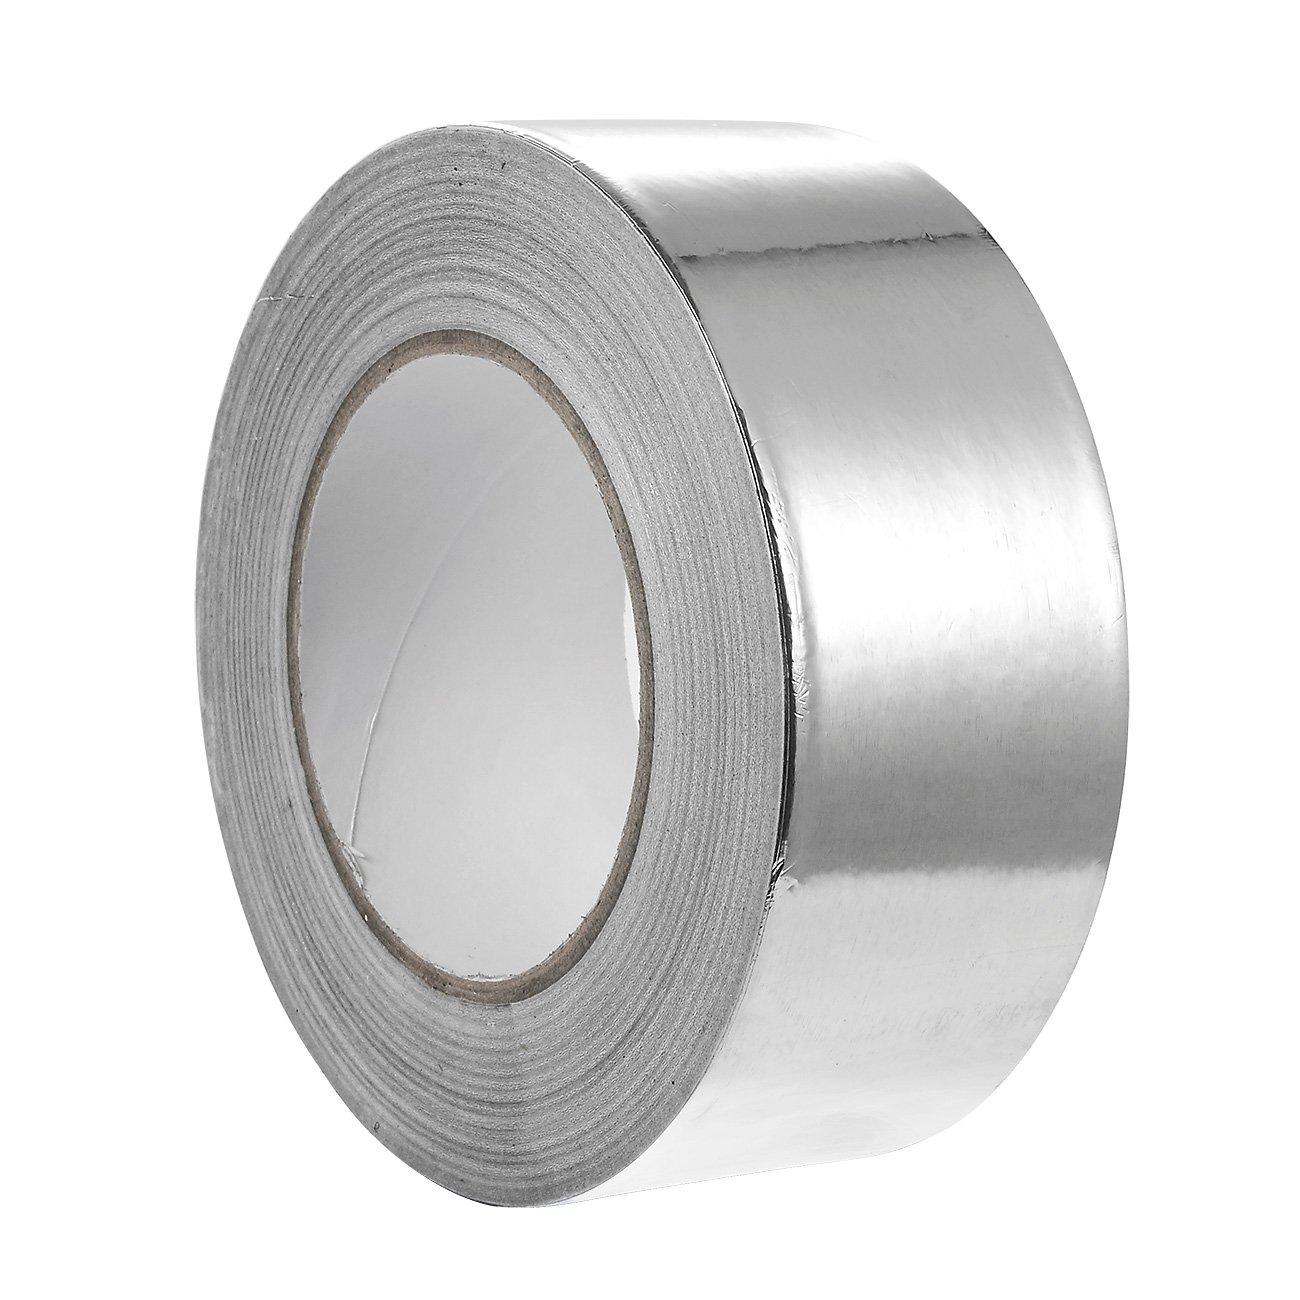 Juvale Aluminum Tape - 55 Yards Aluminum Foil Tape HVAC, Ducts, Insulation Equipment Repair adhesive tape